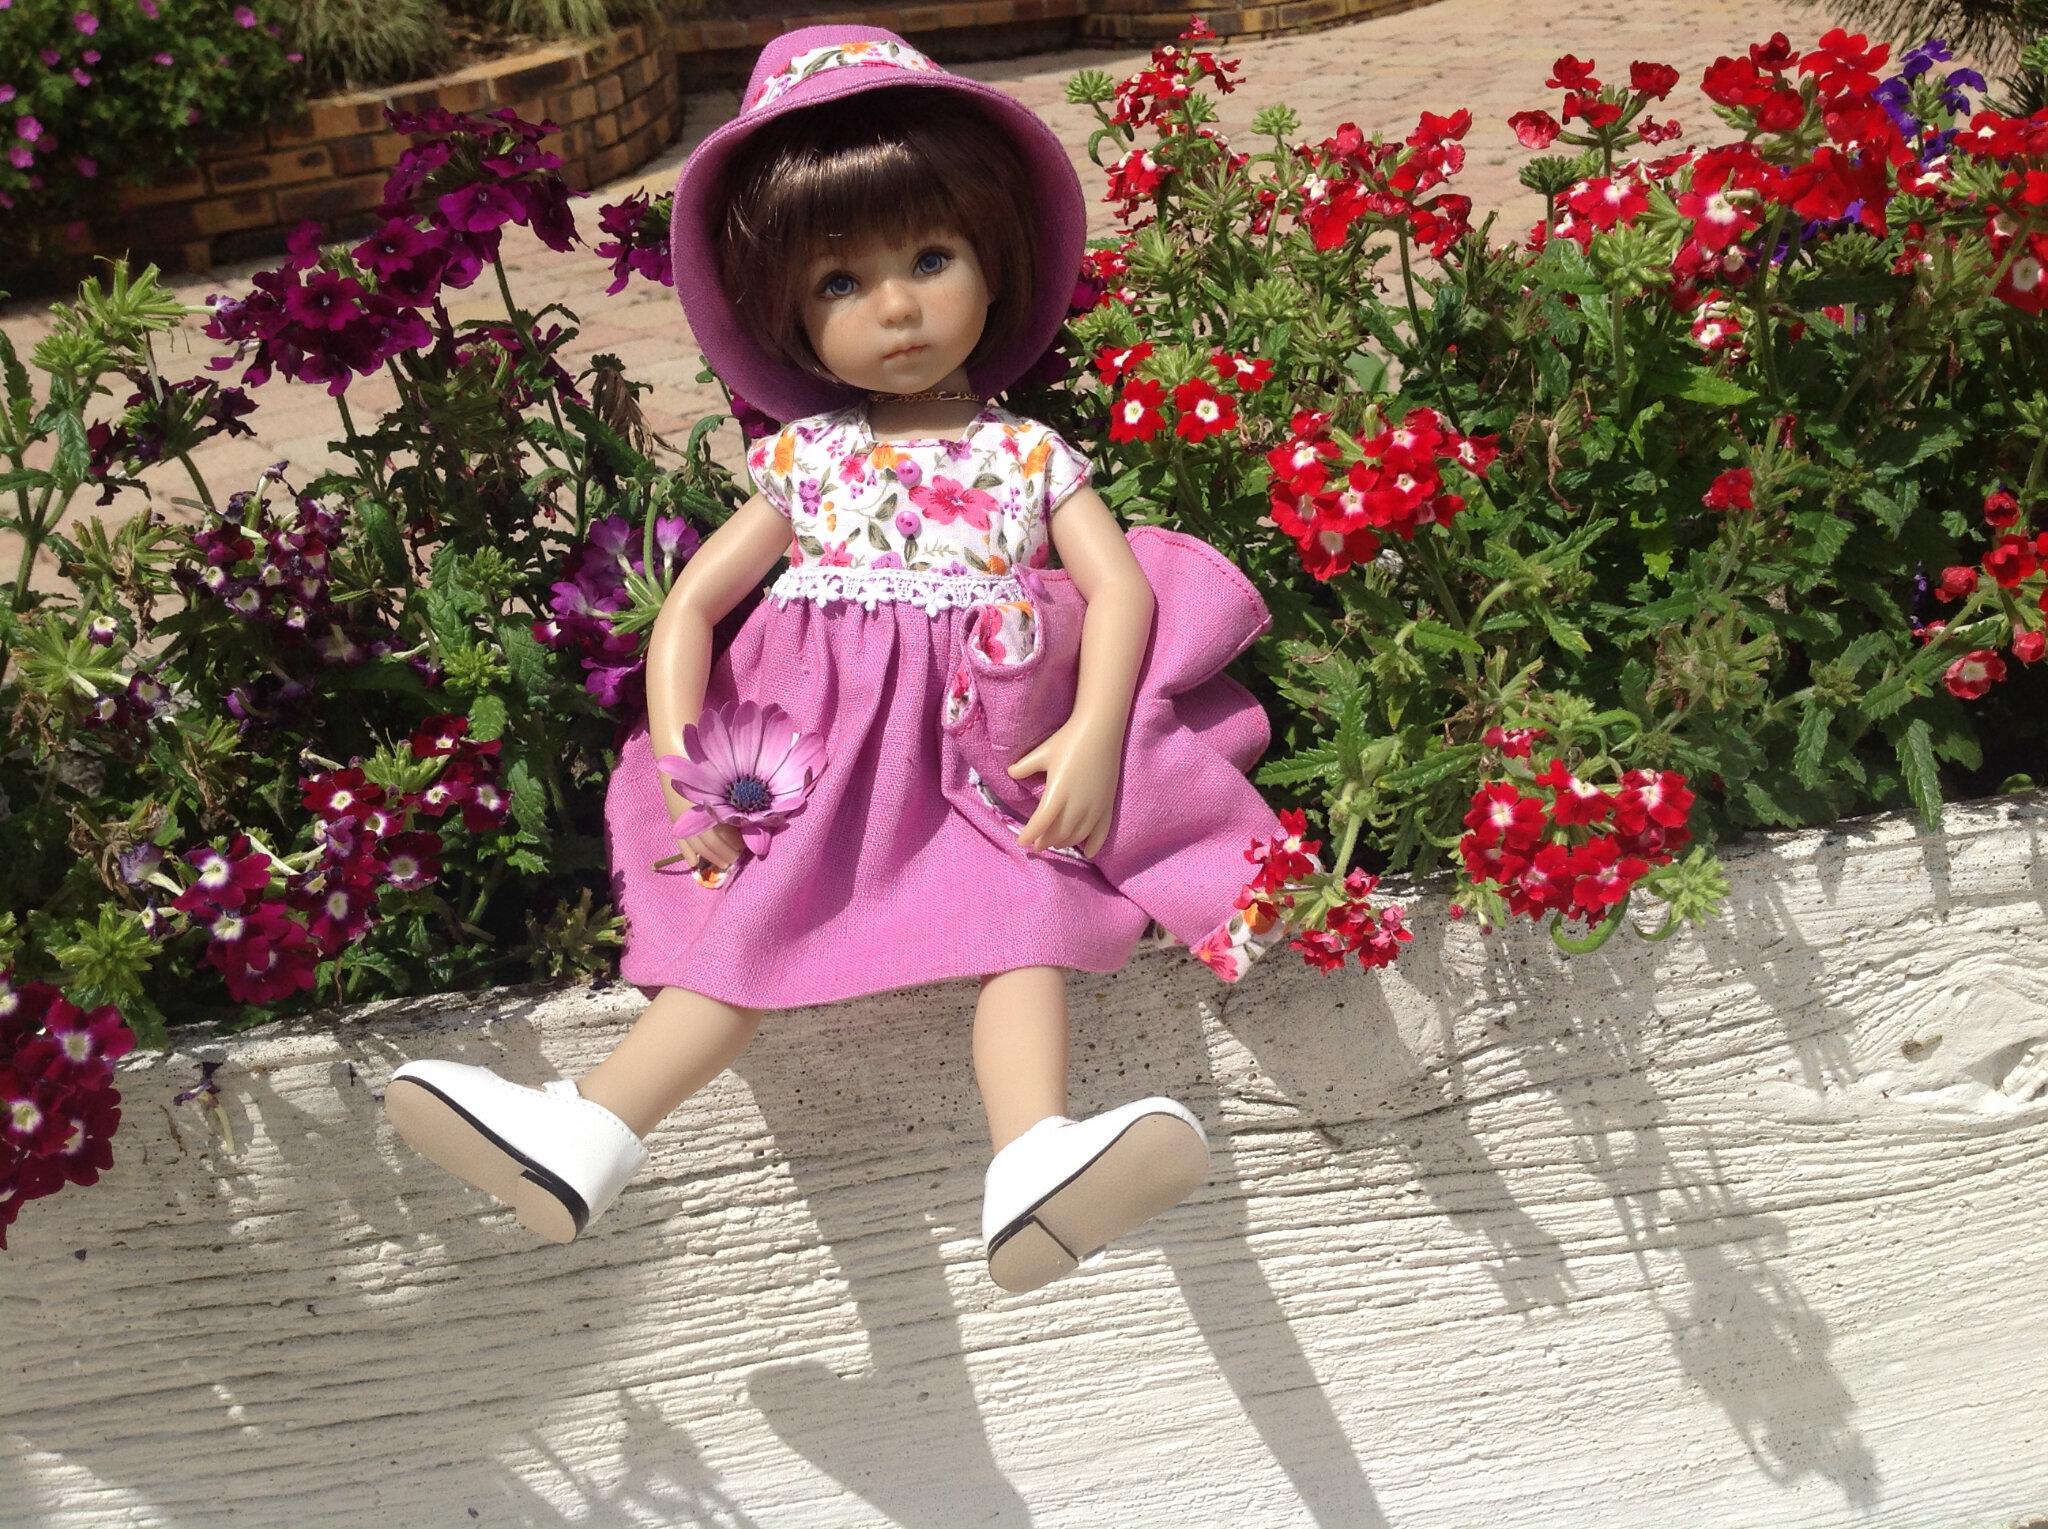 Du parme et des petites fleurs assorties au jardin